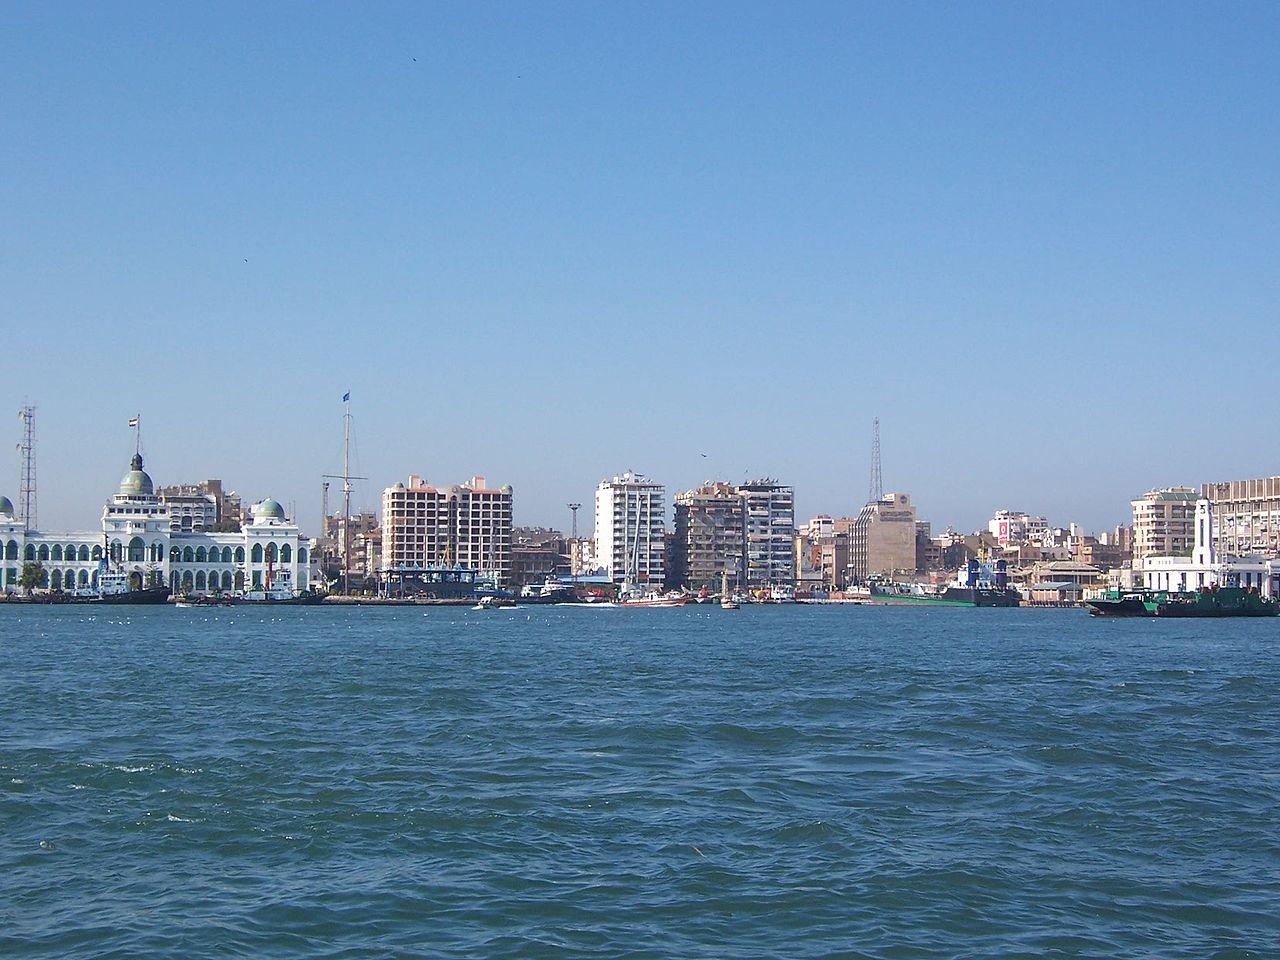 картинка фотография курорта Порт-Саид в Египте